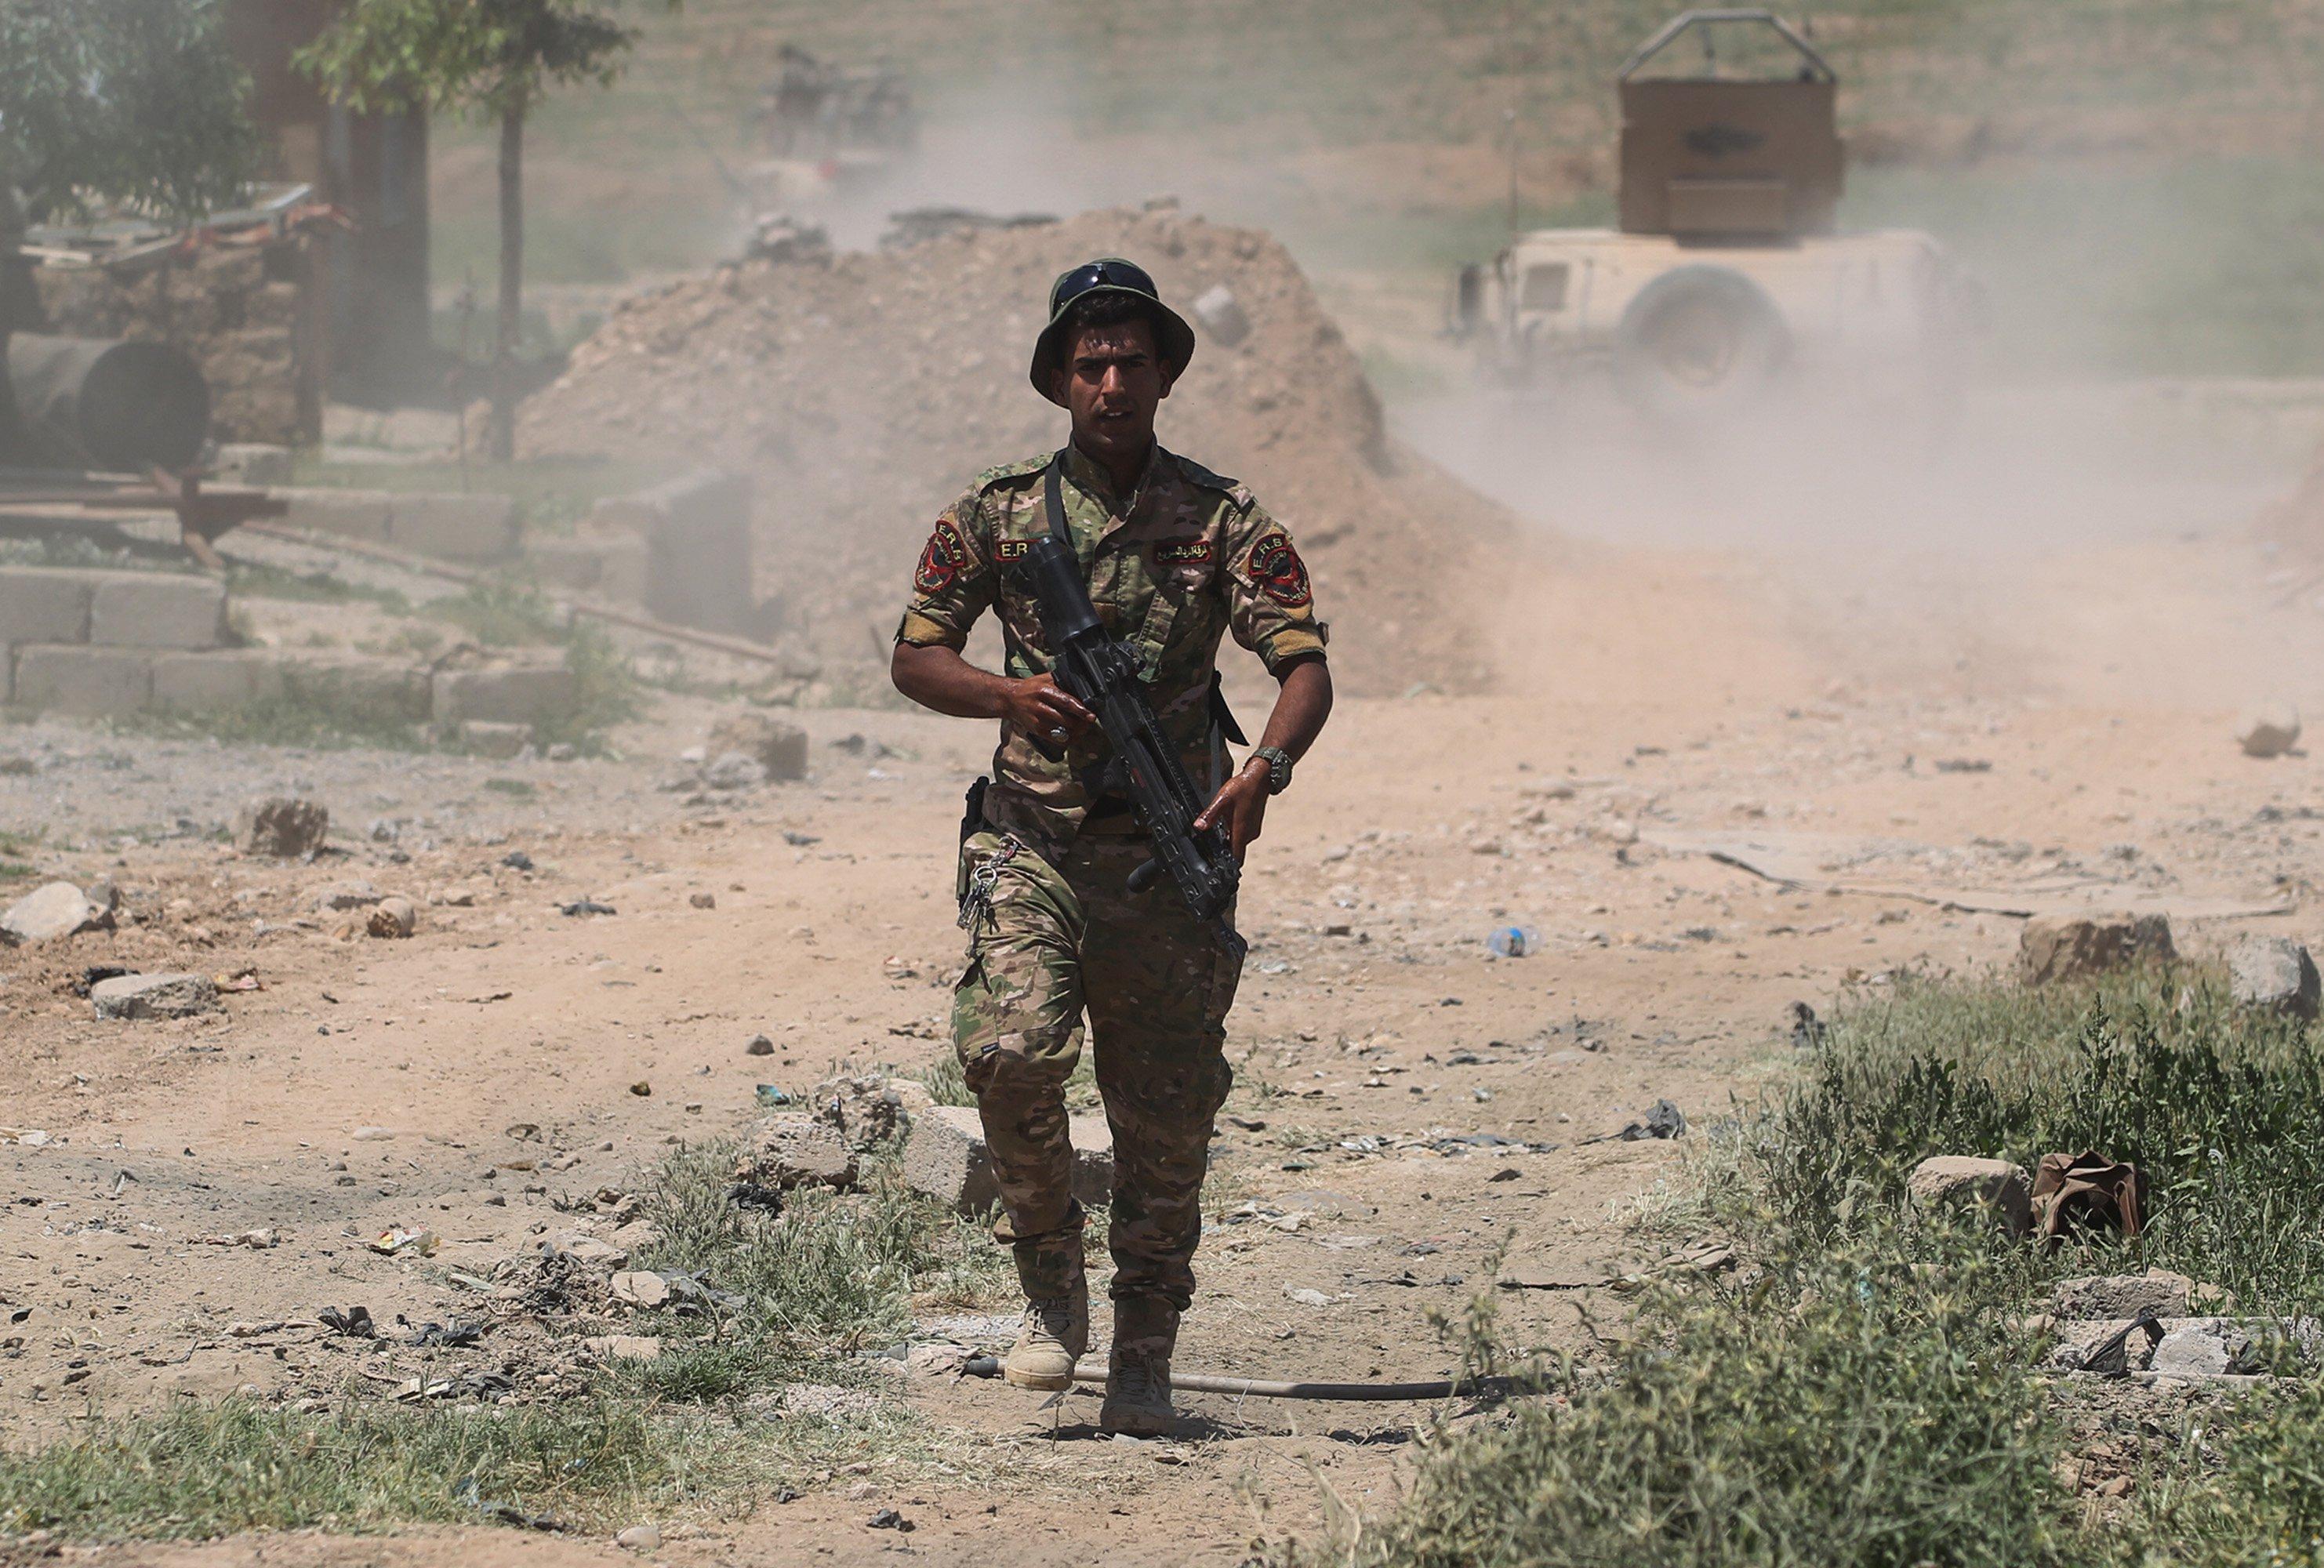 يتميز افراد قوات الرد السريع بالتدريب عالي المستوى وفق مناهج حلف الناتو والتسليح المتطور